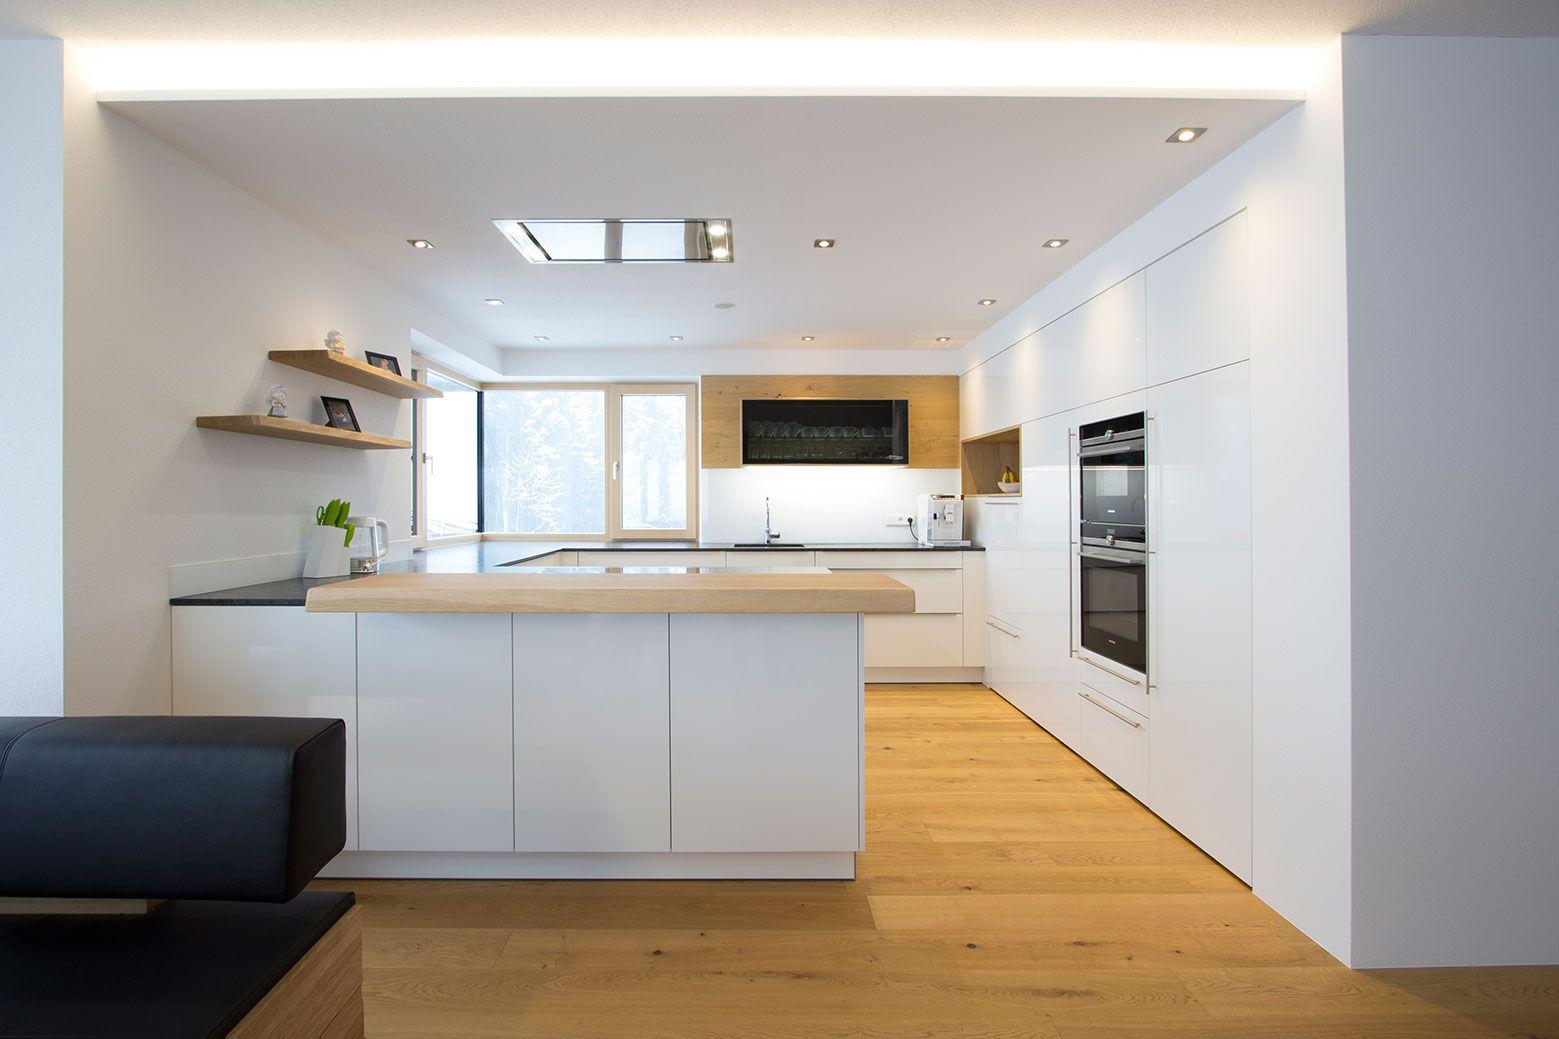 Kuchen Und Inneneinrichtung Projekte In Salzburg Laserer Kuchen Und Wohnen Deckenbeleuchtung Indirekte Deckenbeleuchtung Und Wohnkuche